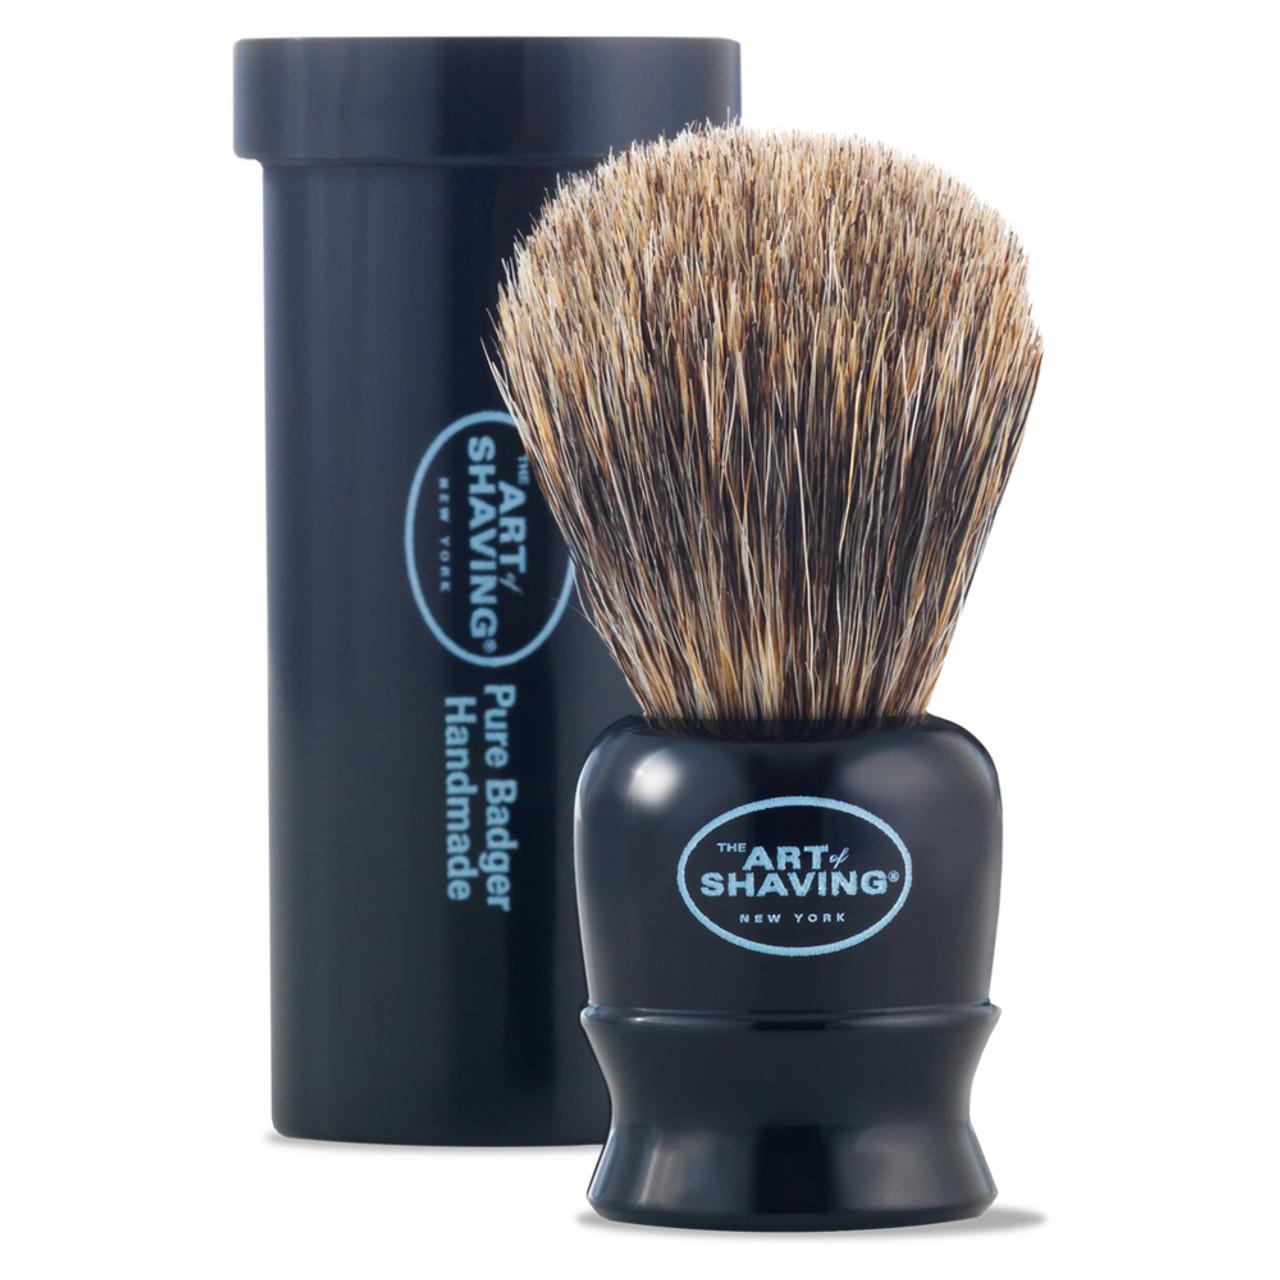 The Art of Shaving Black Travel Brush